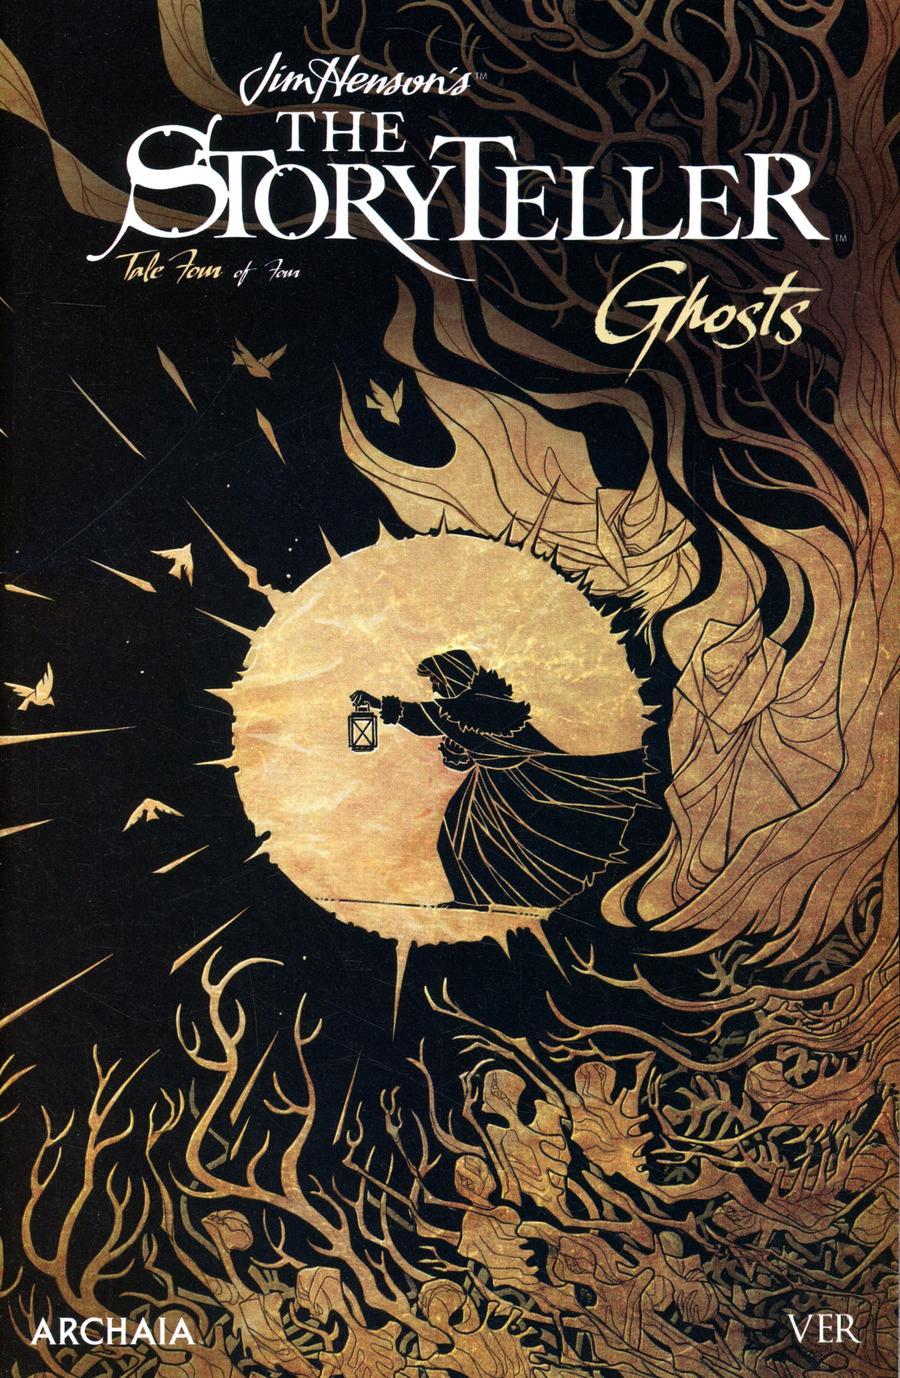 Jim Hensons Storyteller Ghosts #4 Cover B Variant VER Cover